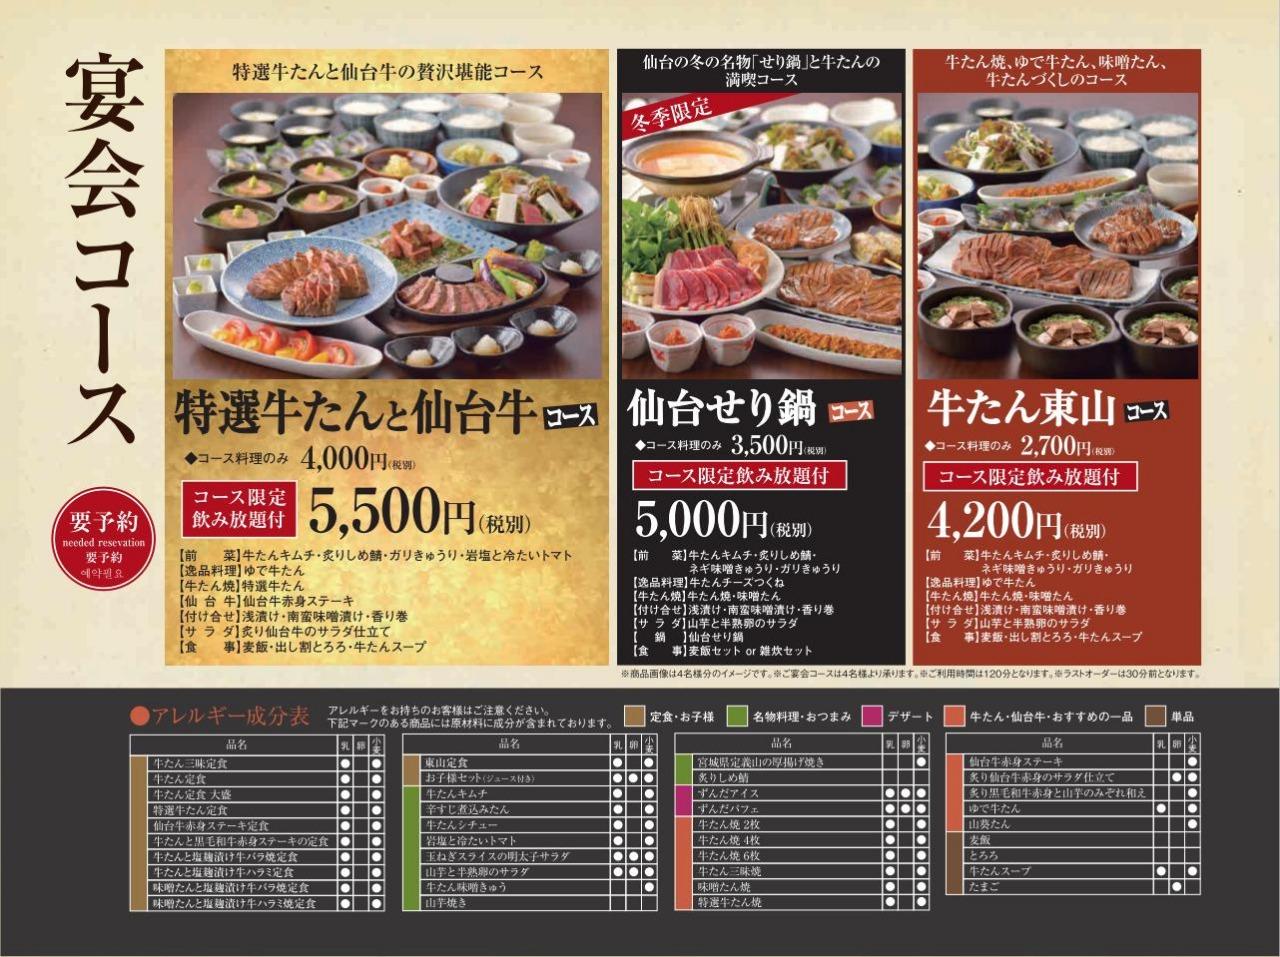 店舗メニュー 炭焼牛たん東山 仙台本店